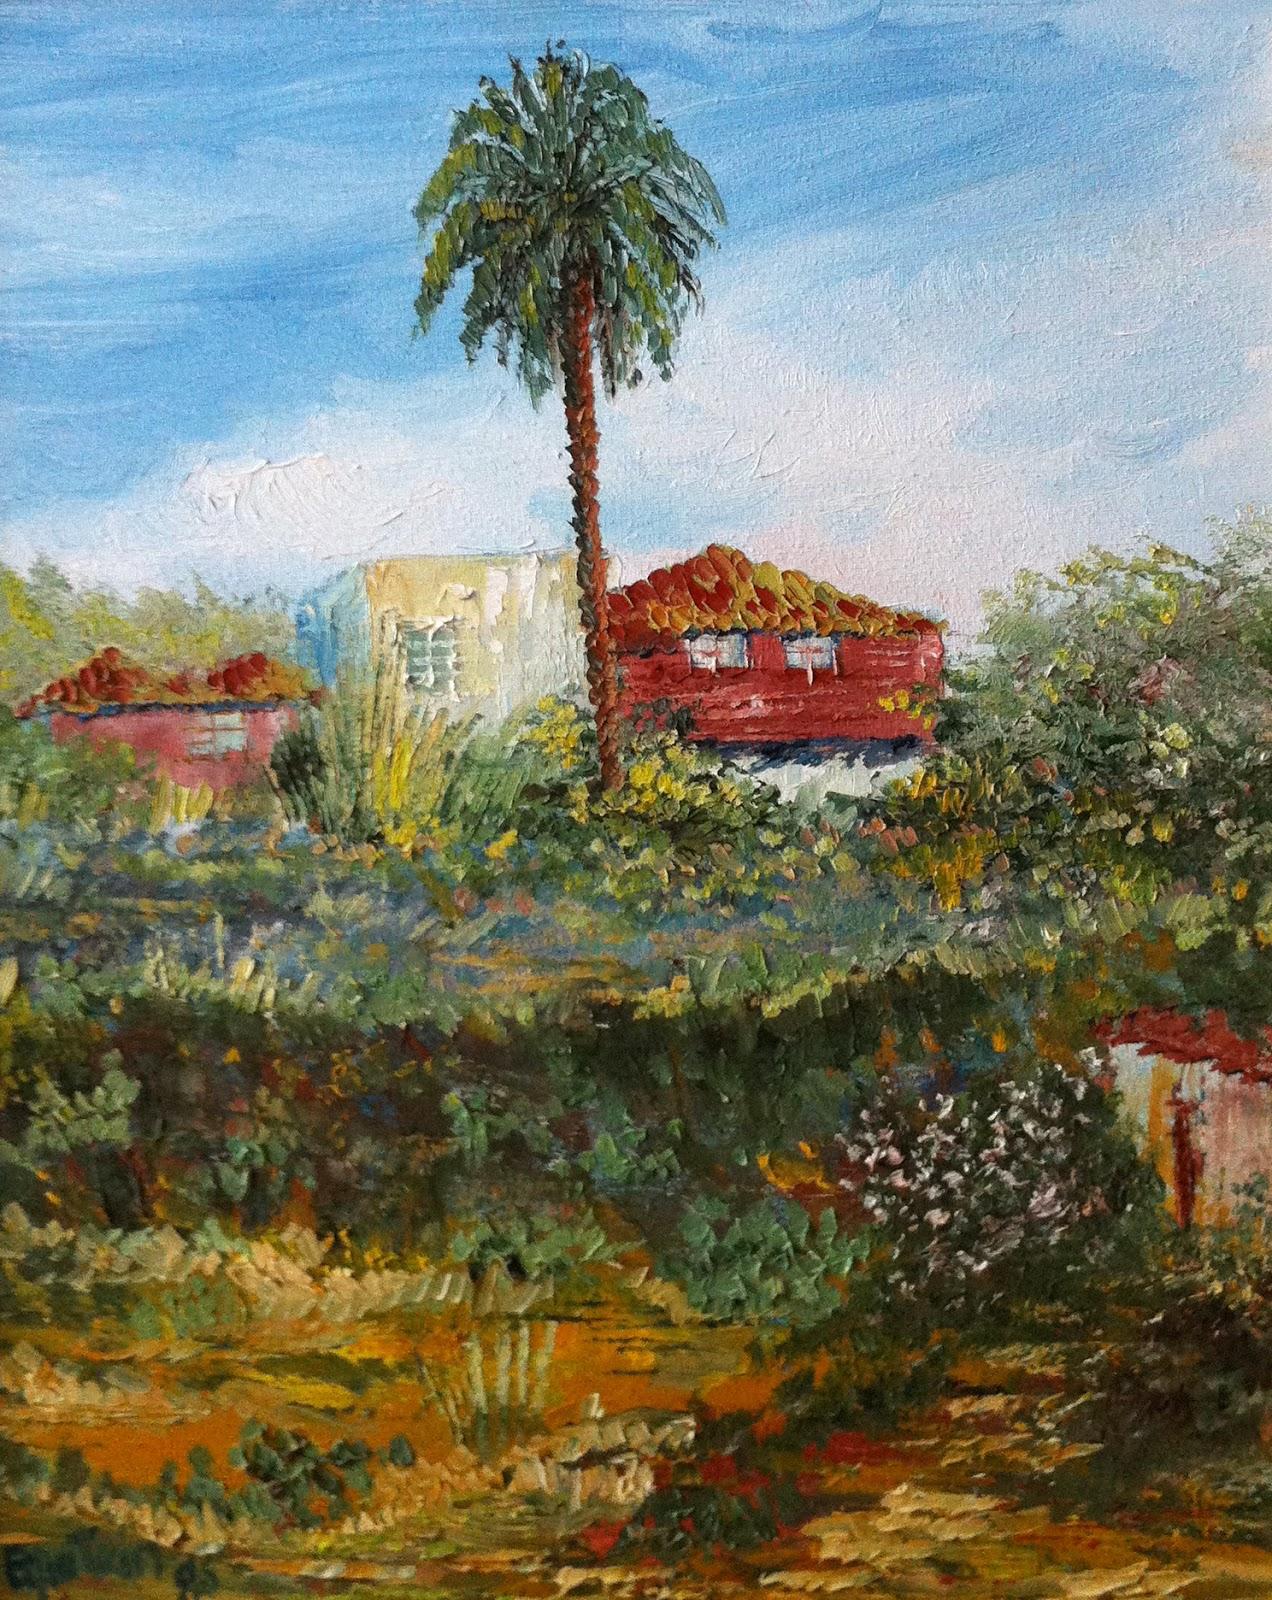 Emilio guitian y sus cuadros entrada 21 primeros cuadros de teresa guiti n en a coru a - Cuadros tenerife ...